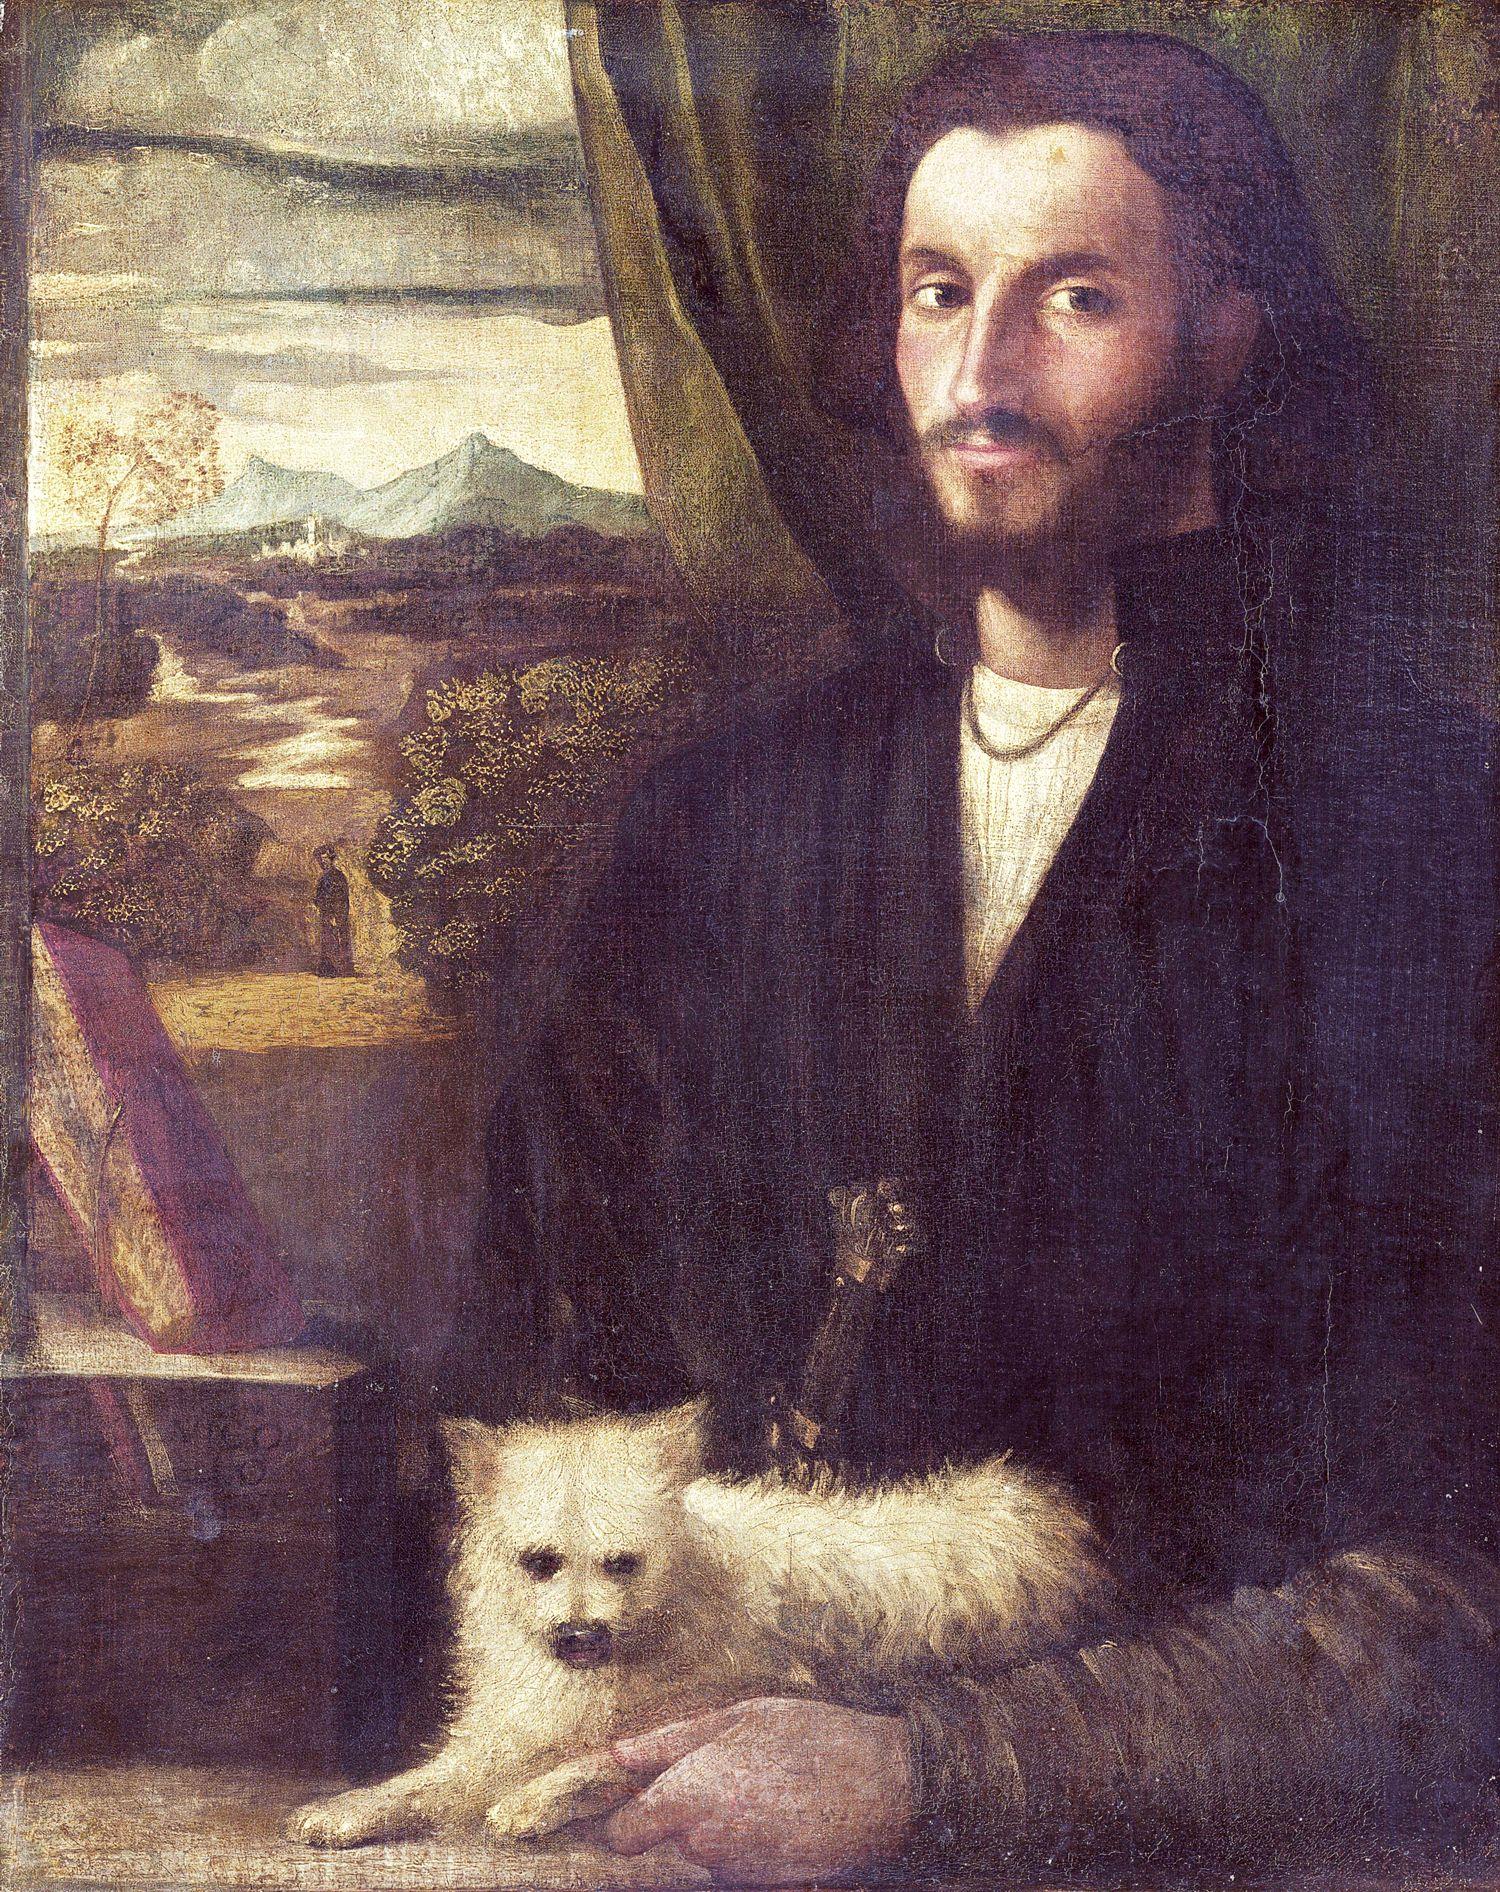 Ein Neues Selbstporträt Von Leonardo Da Vinci – Kleio für Leonardo Da Vinci Familie